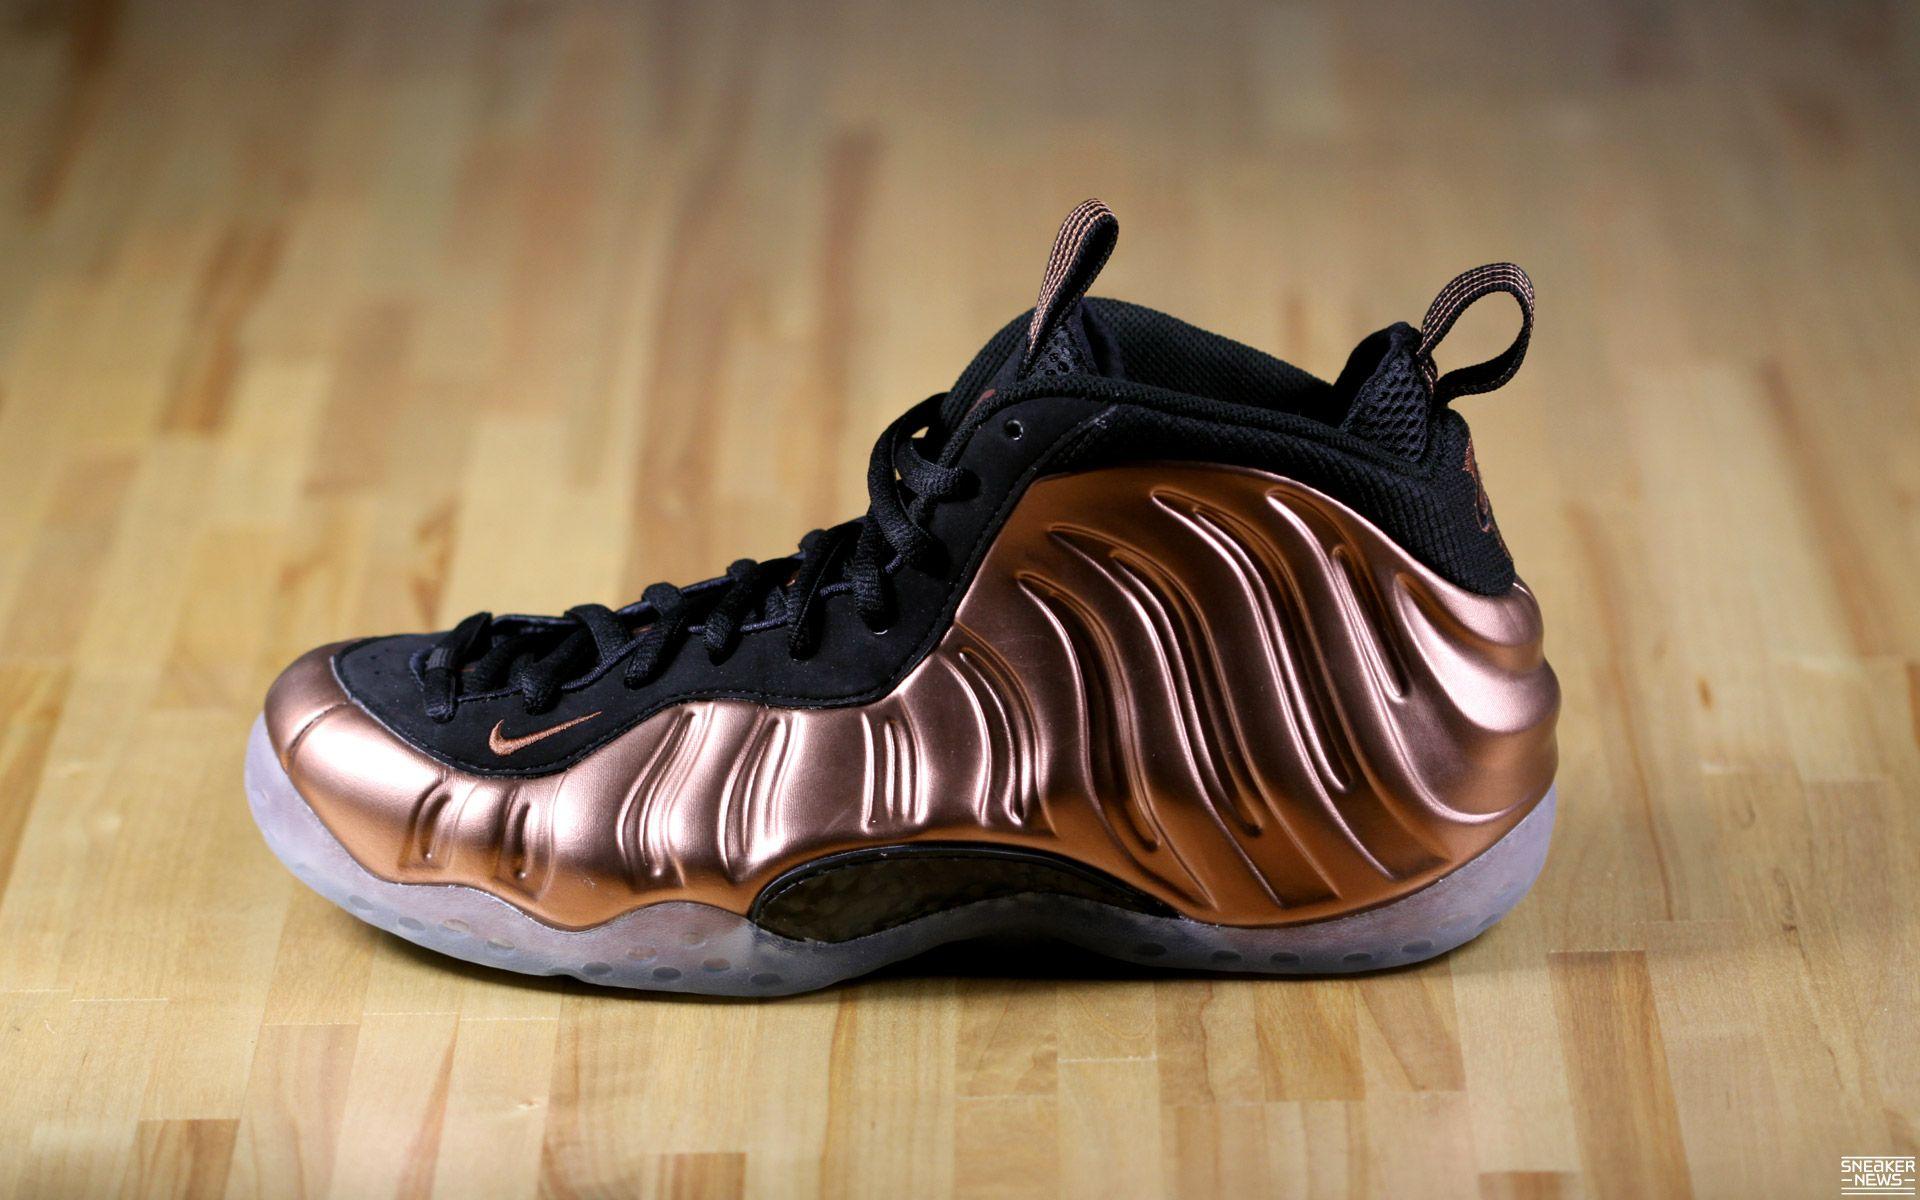 Nike Air Penny Foamposite 1 Copper Foams Foam Posites Sneakers